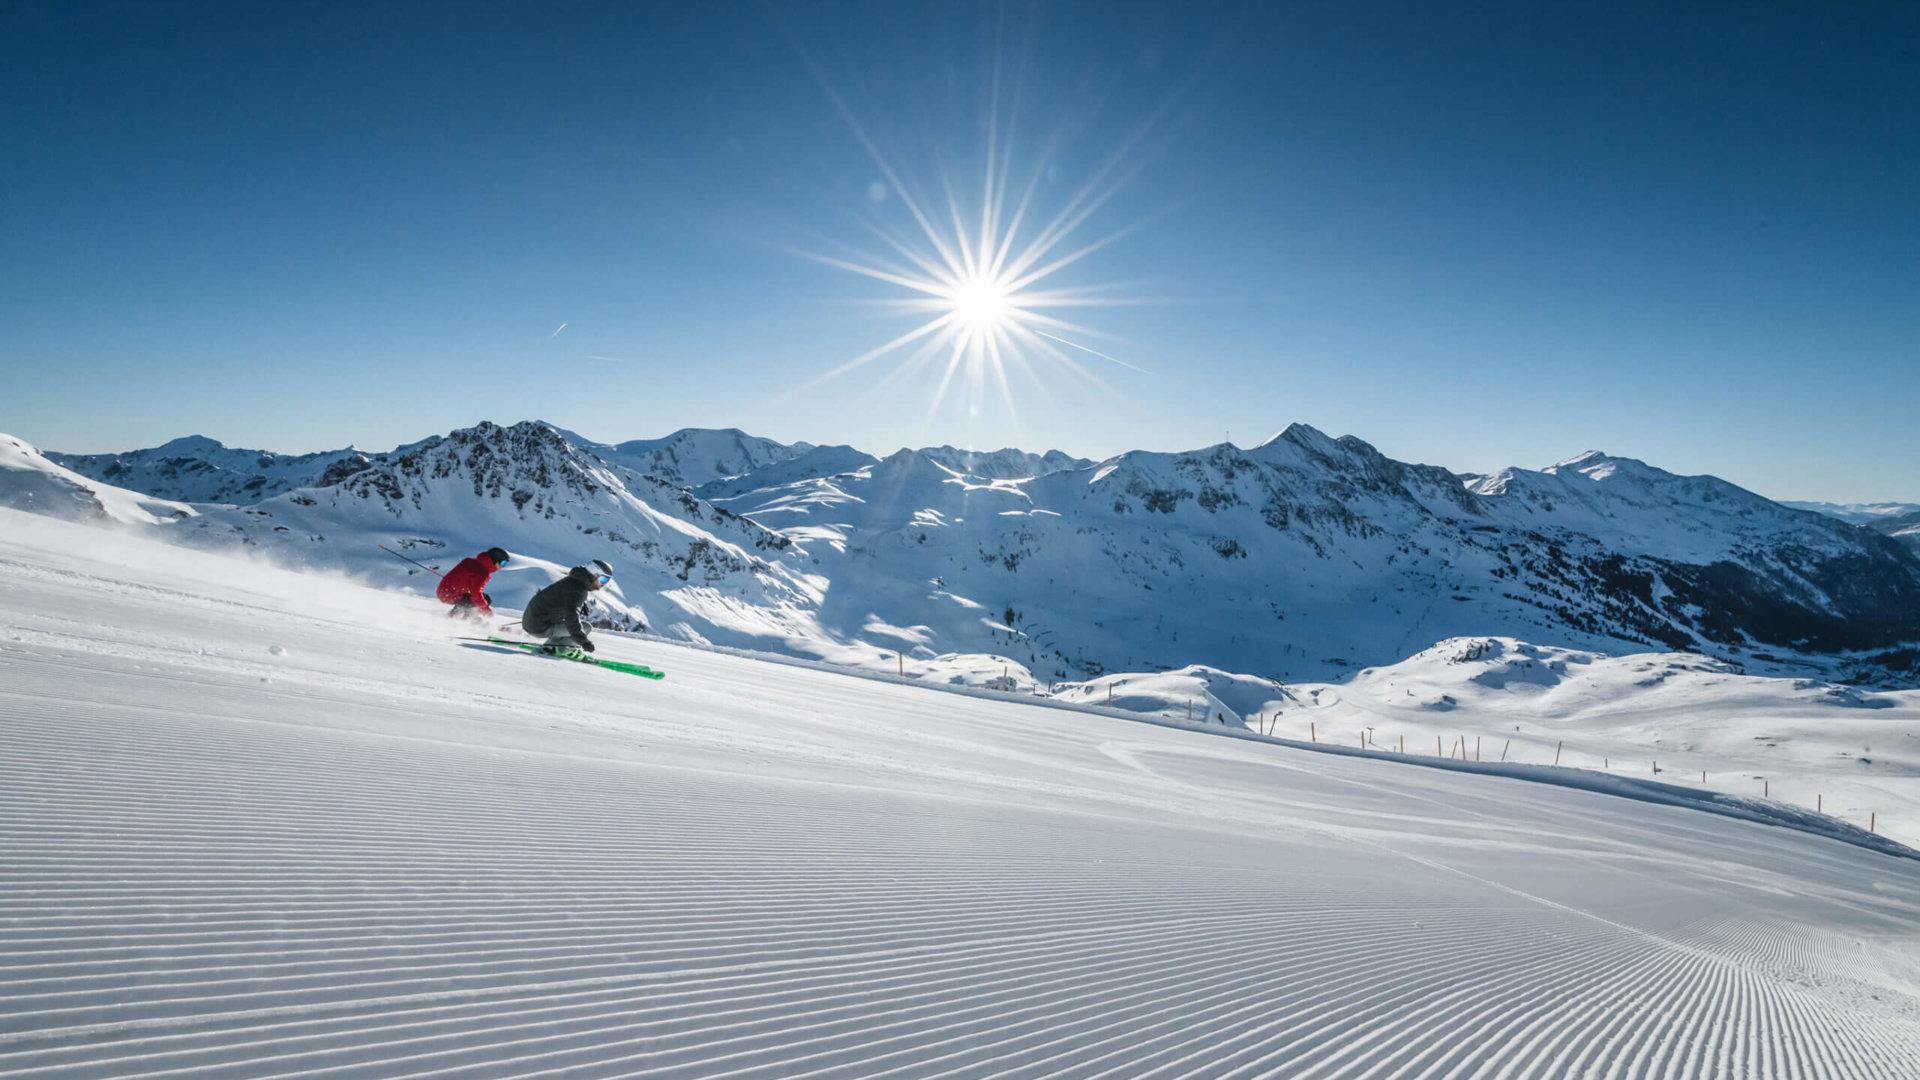 Hotel Schneider, Skigebiet Obertauern (c) Tourismusverband Obertauern